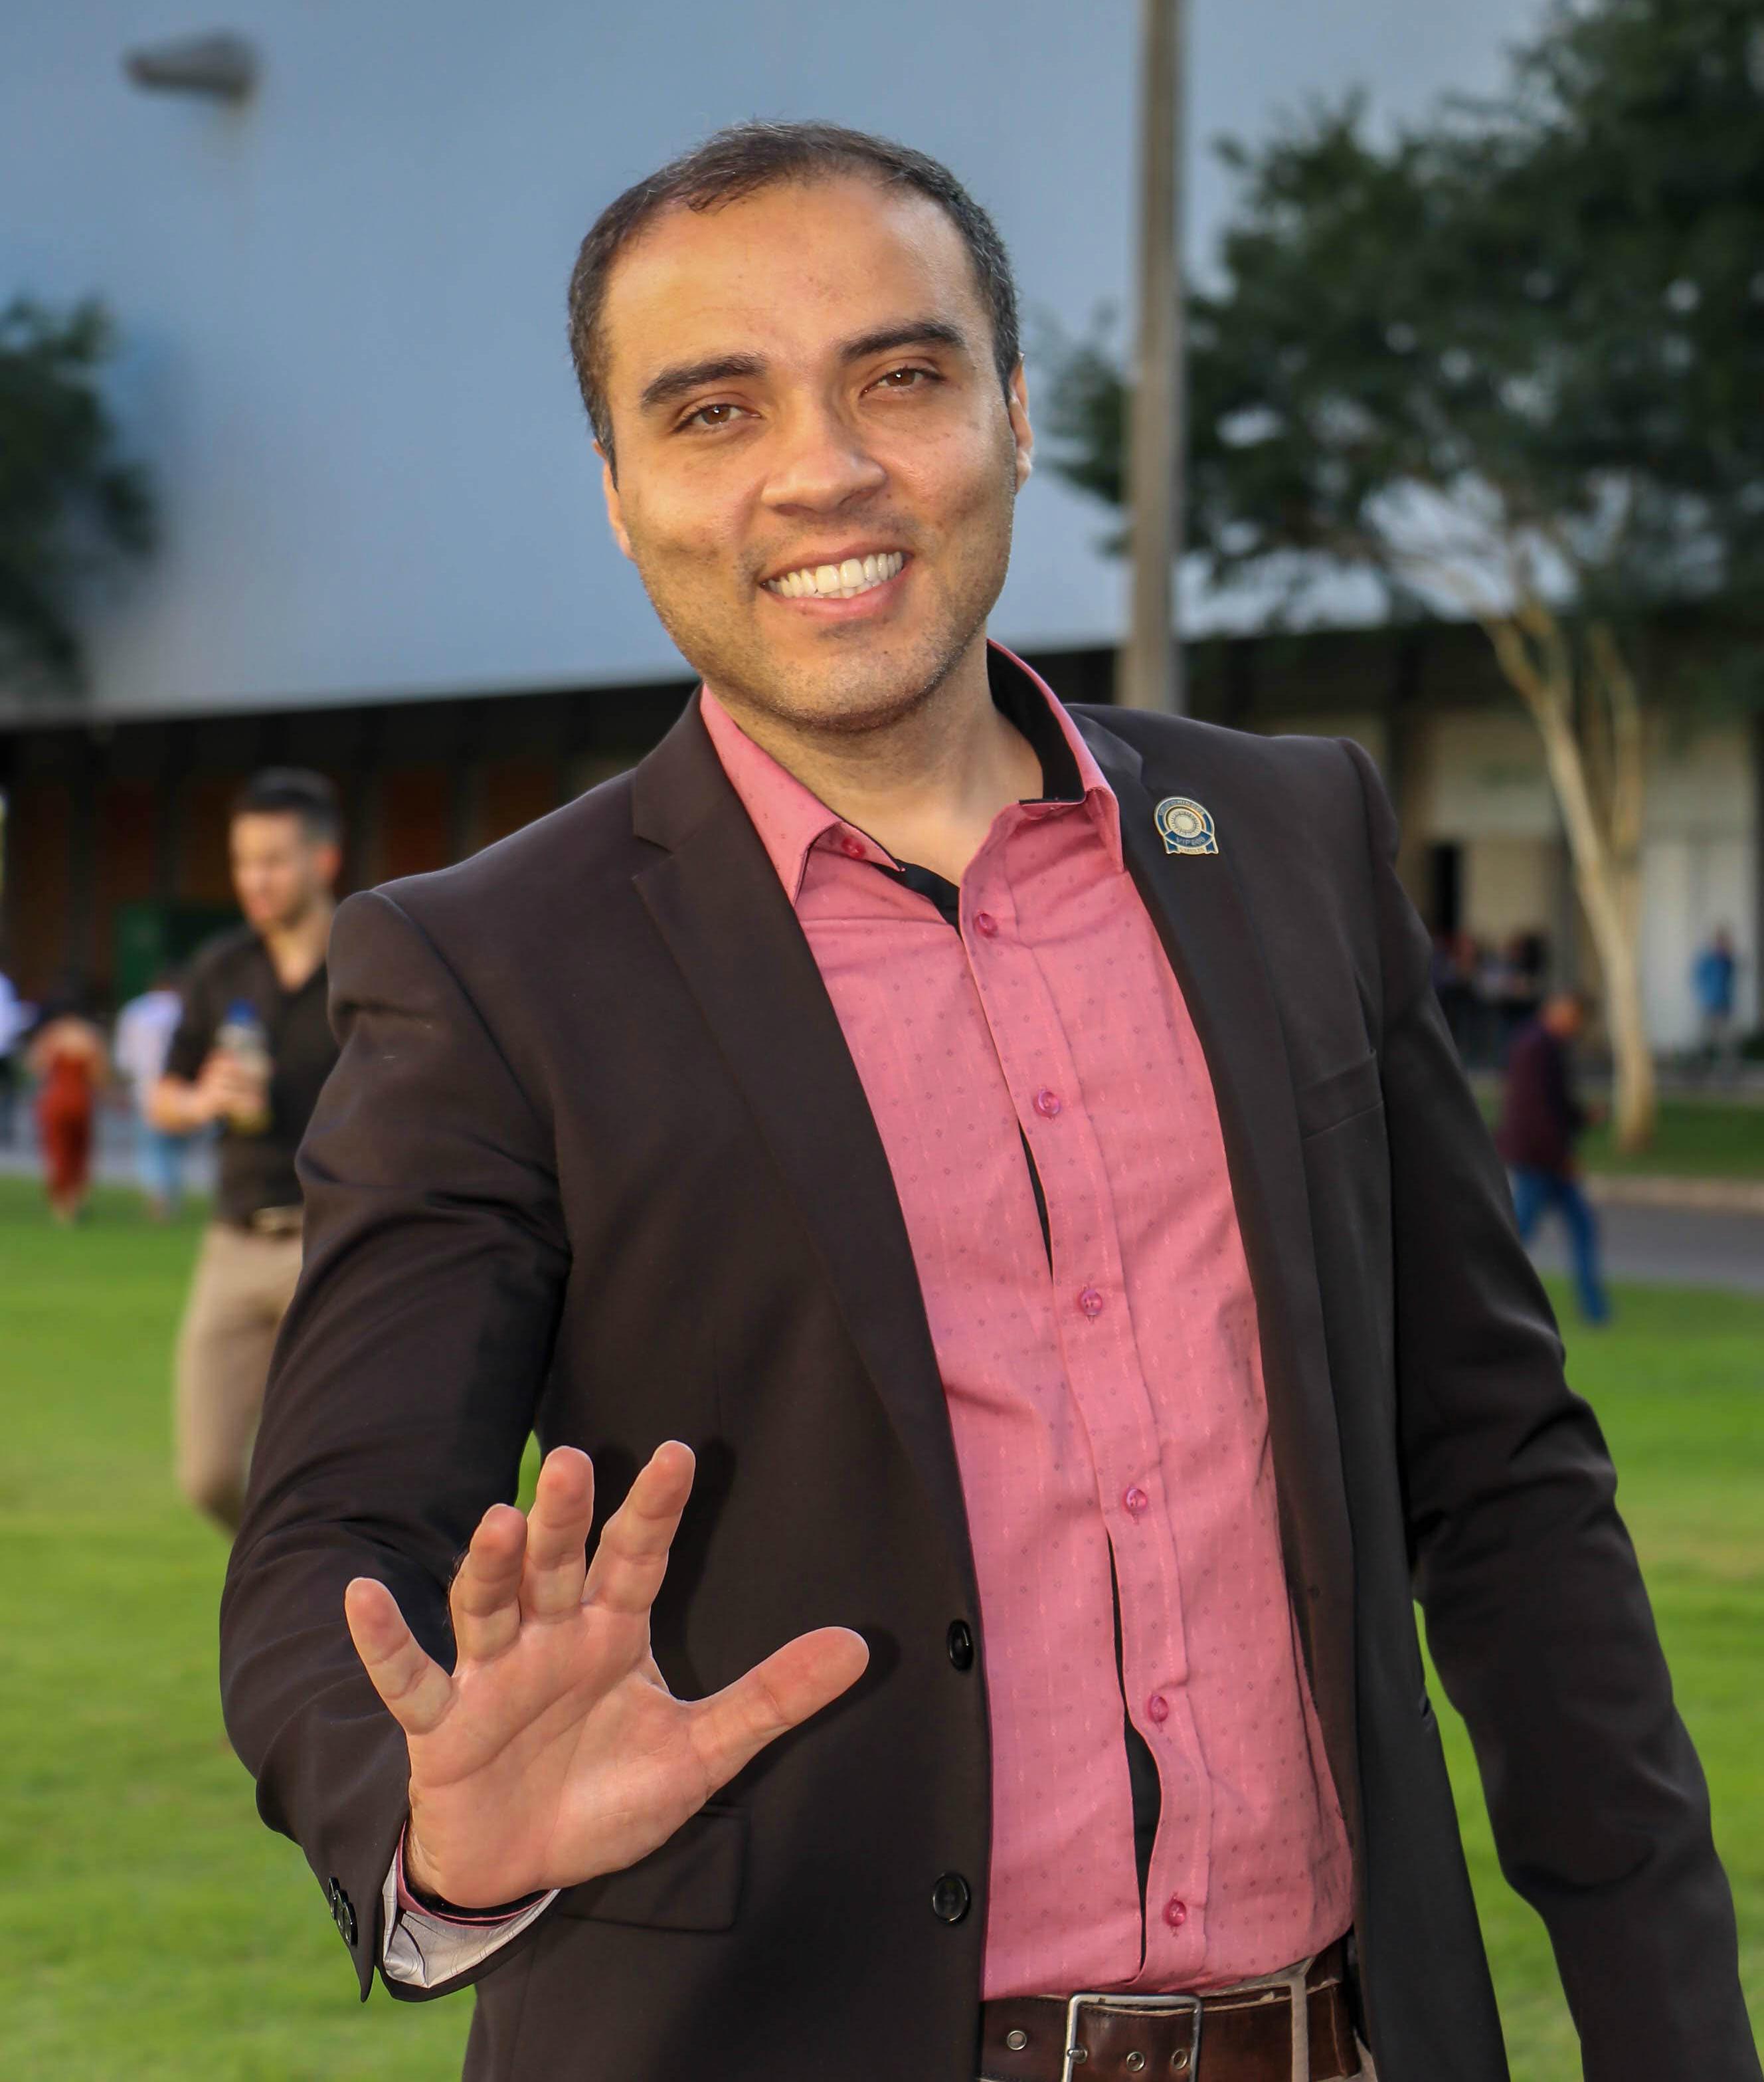 Rodrigo Valenitm